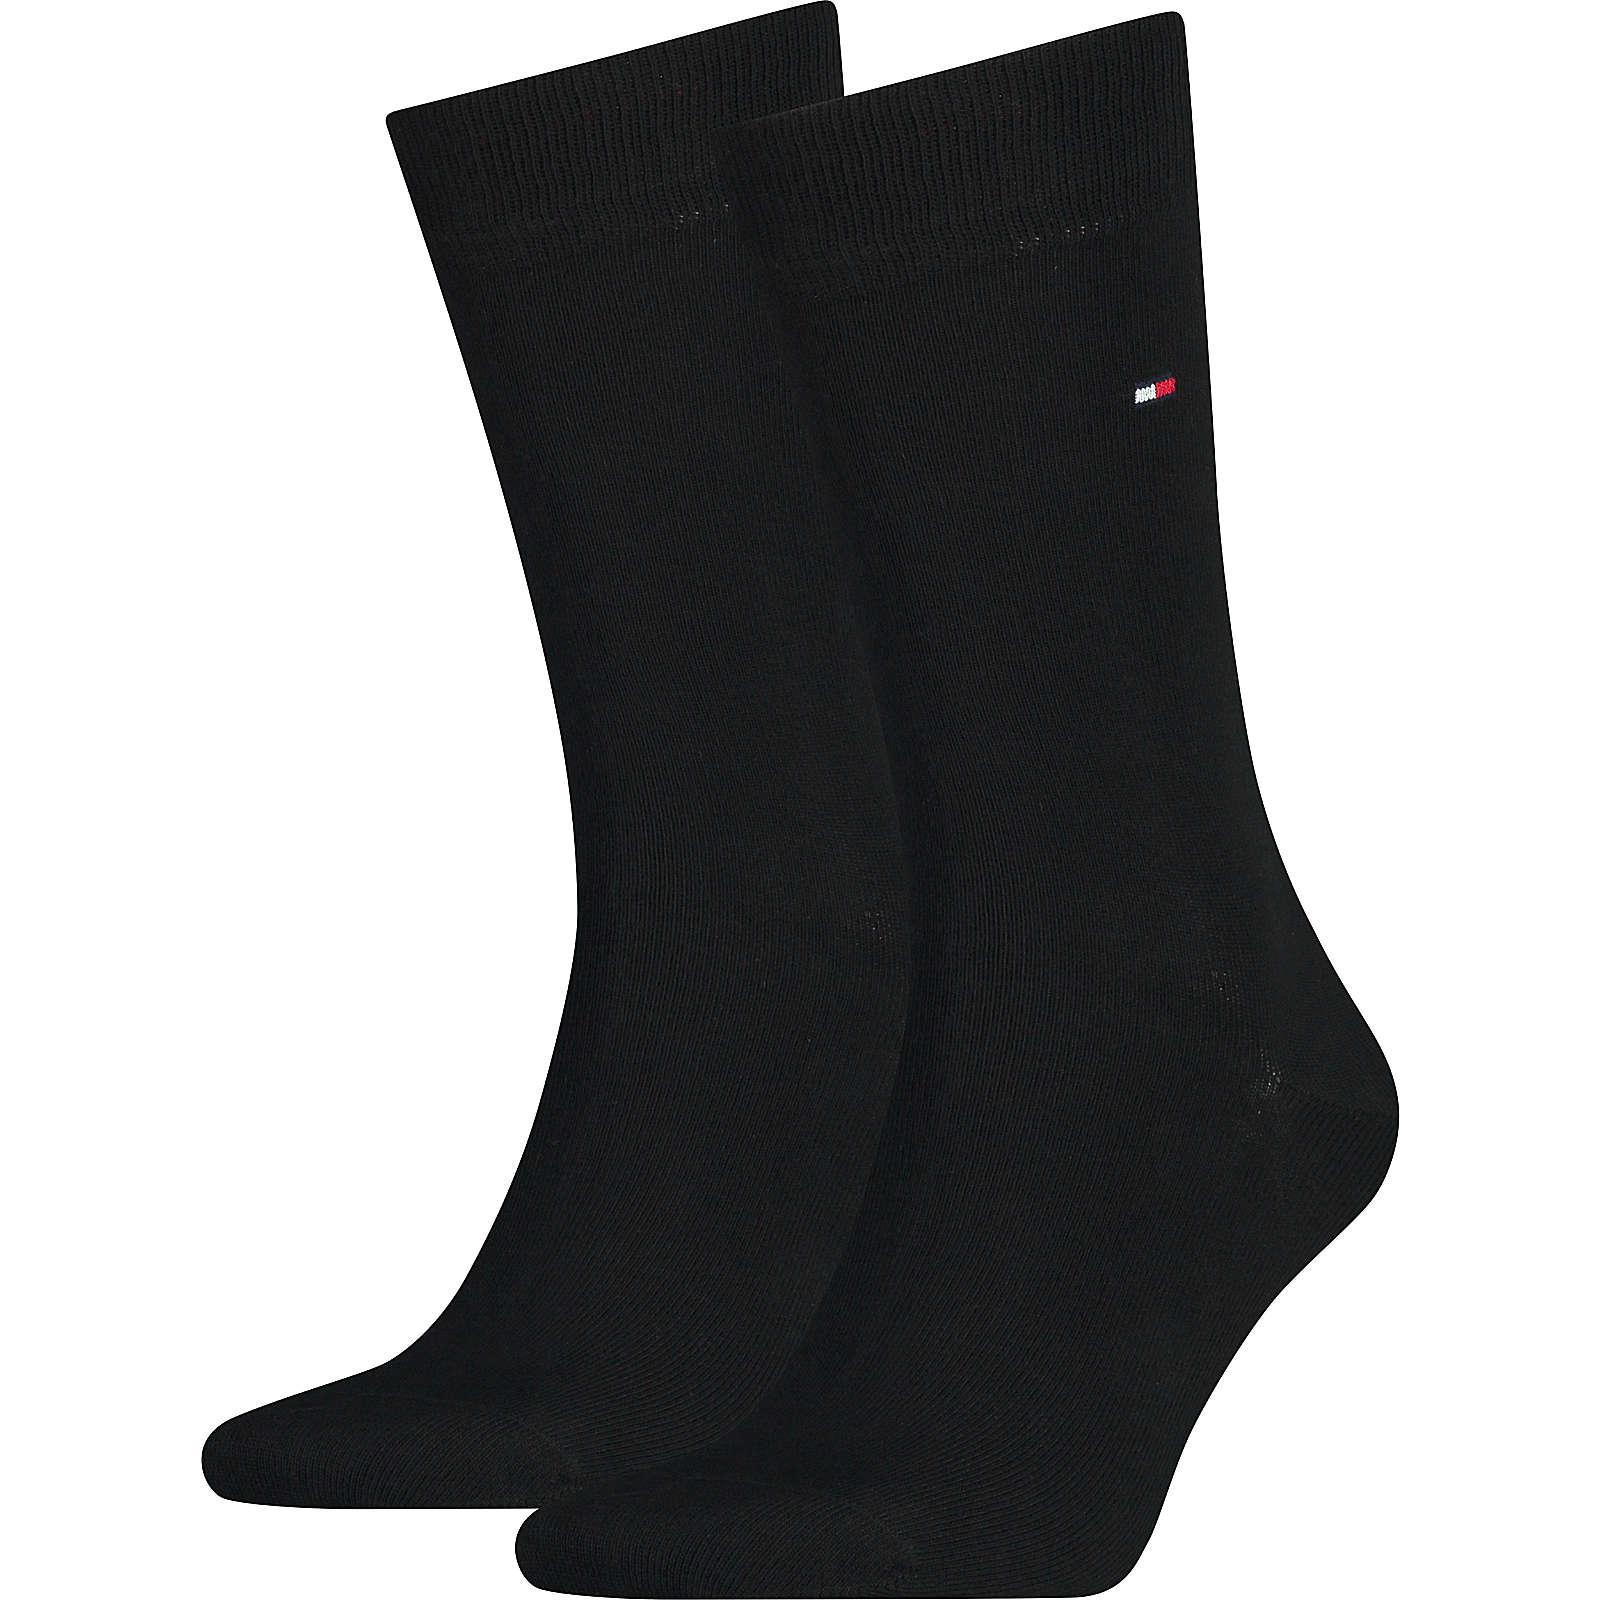 TOMMY HILFIGER 2 Paar Socken schwarz Herren Gr. 43-46